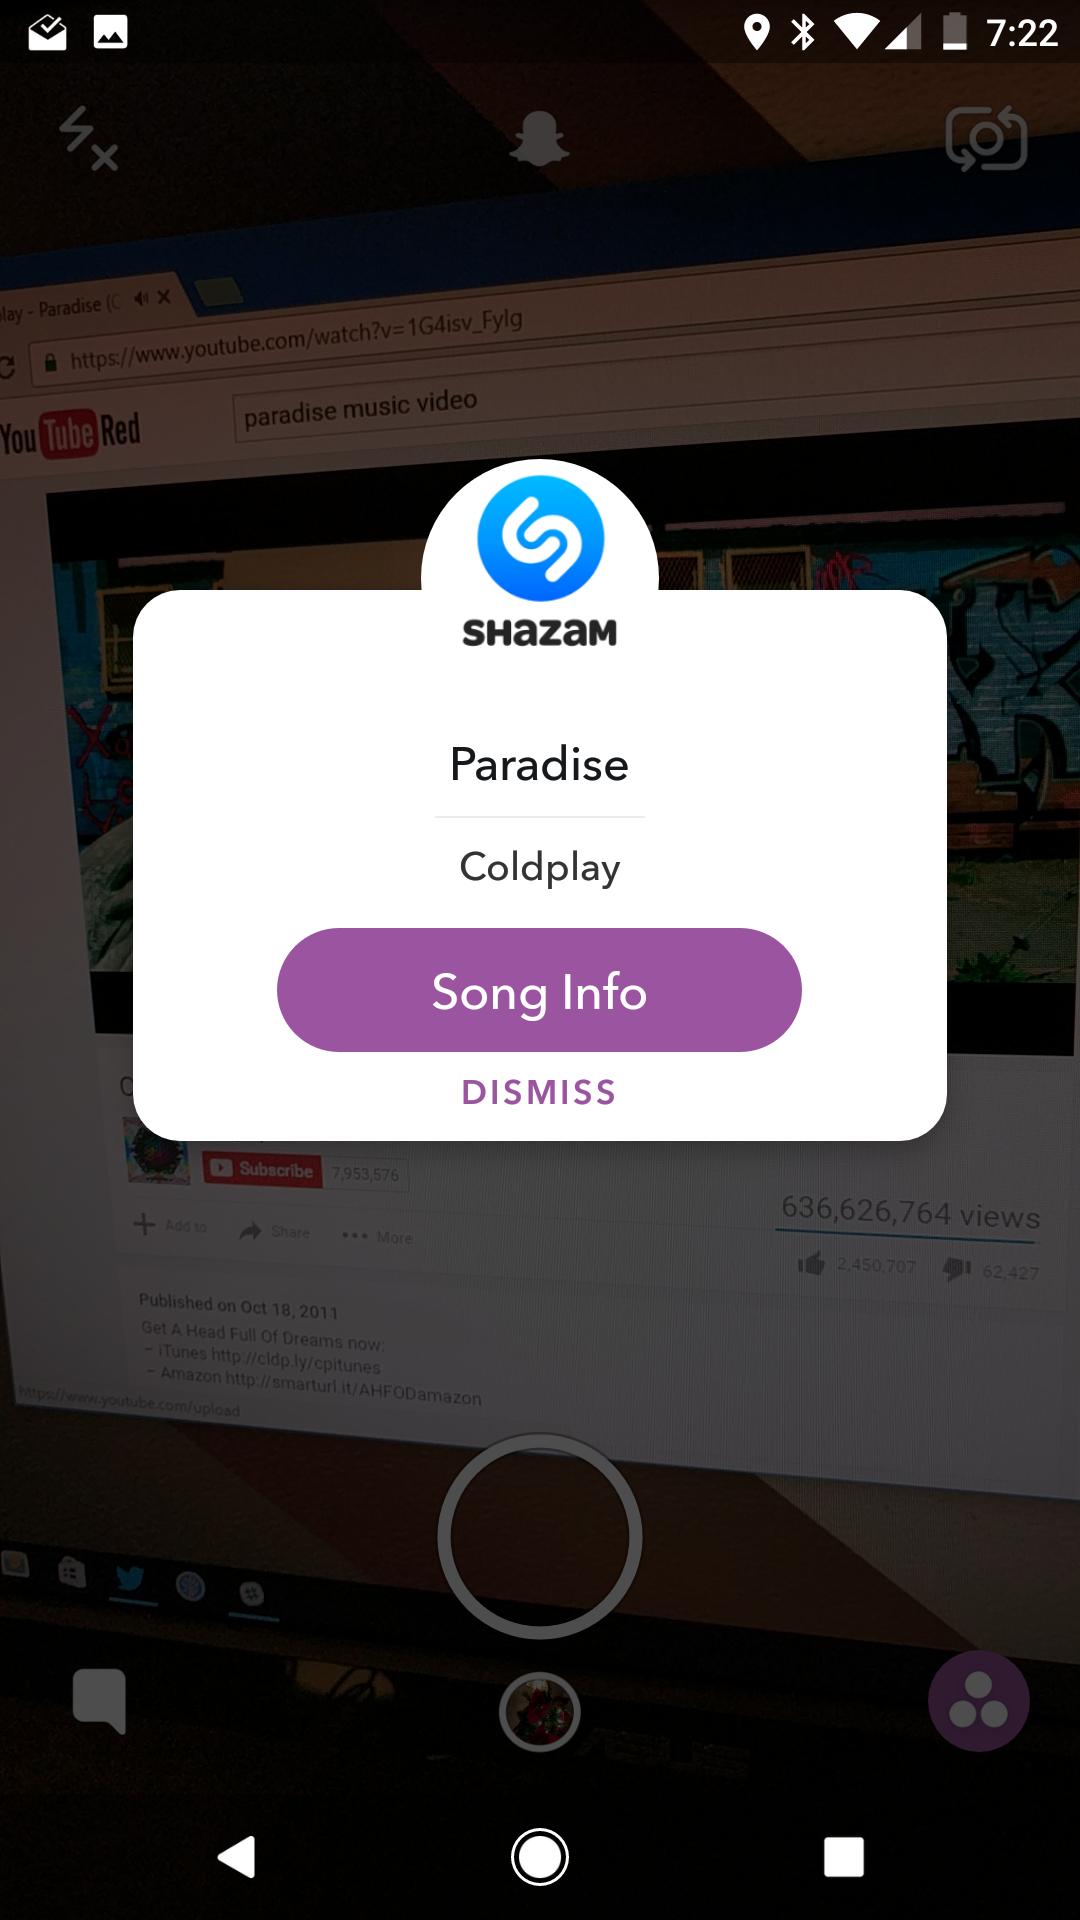 سناب شات يدعم التكامل مع خدمة Shazam في أندرويد